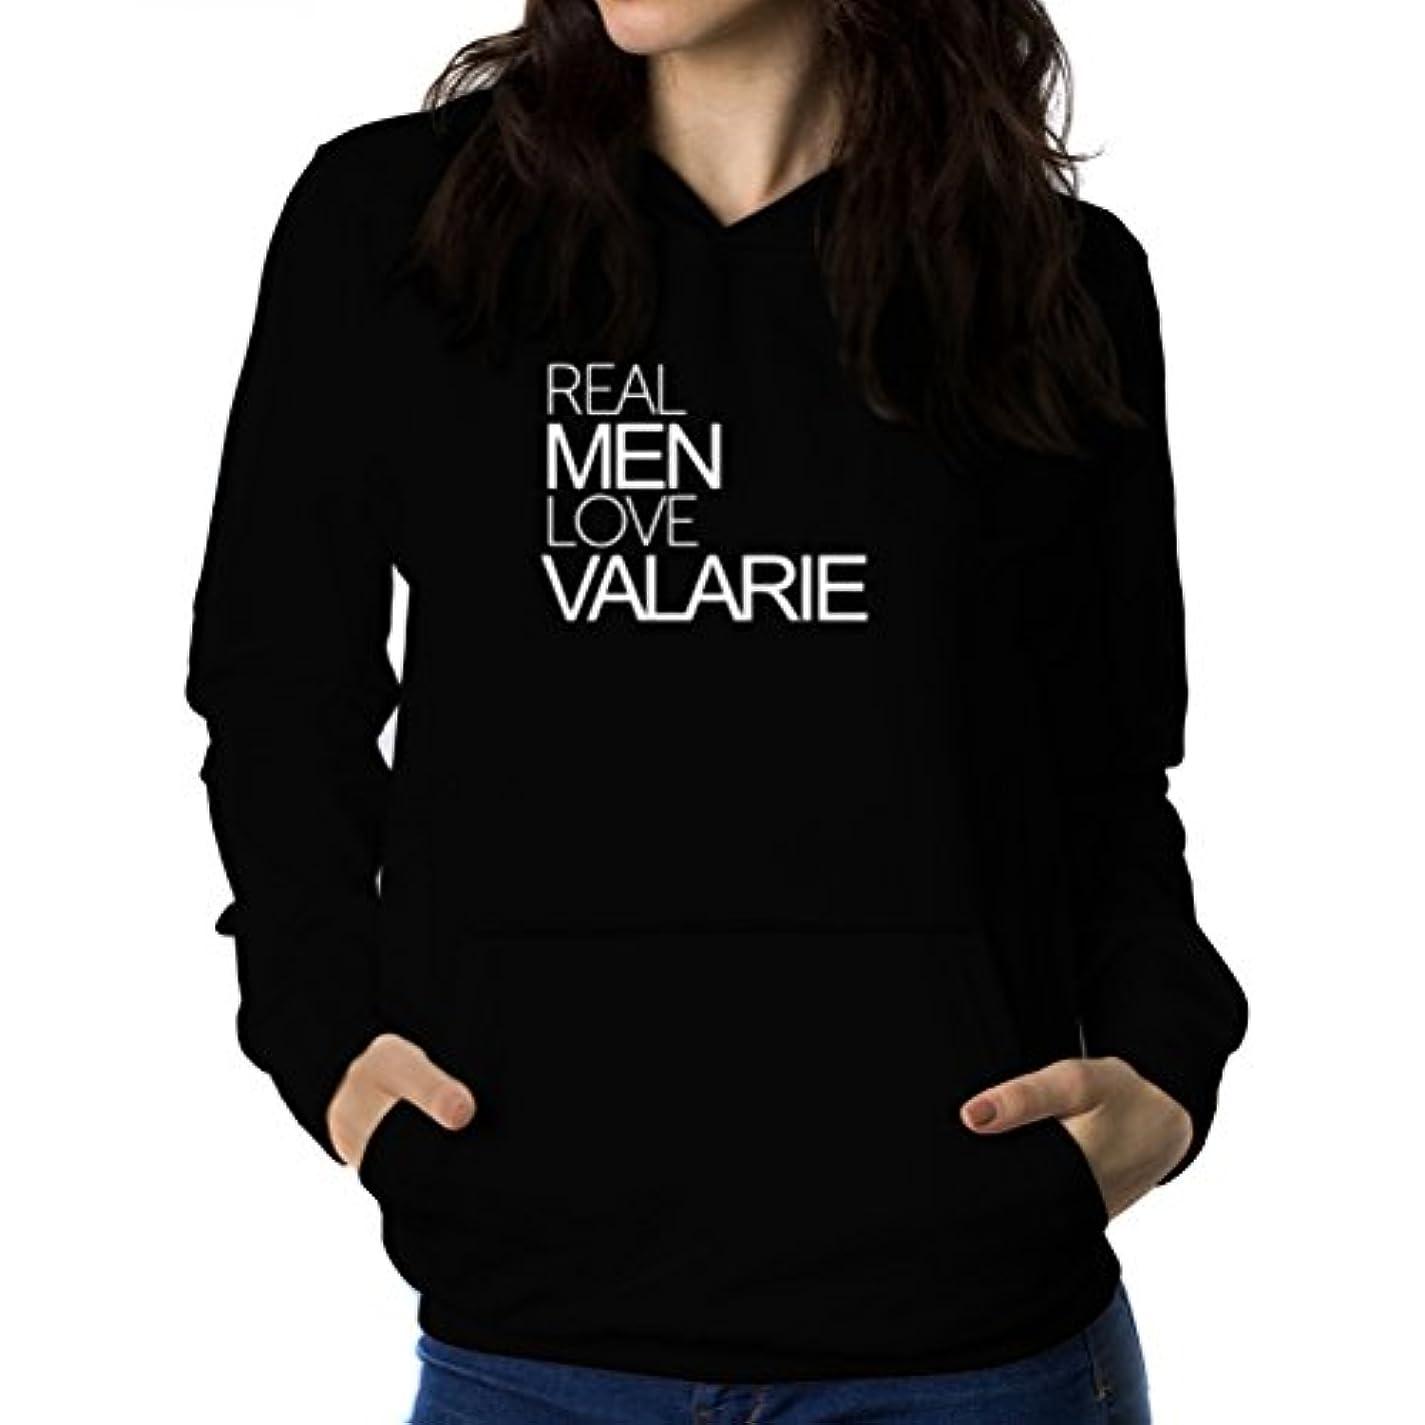 冒険者柔和タクシーReal men love Valarie 女性 フーディー